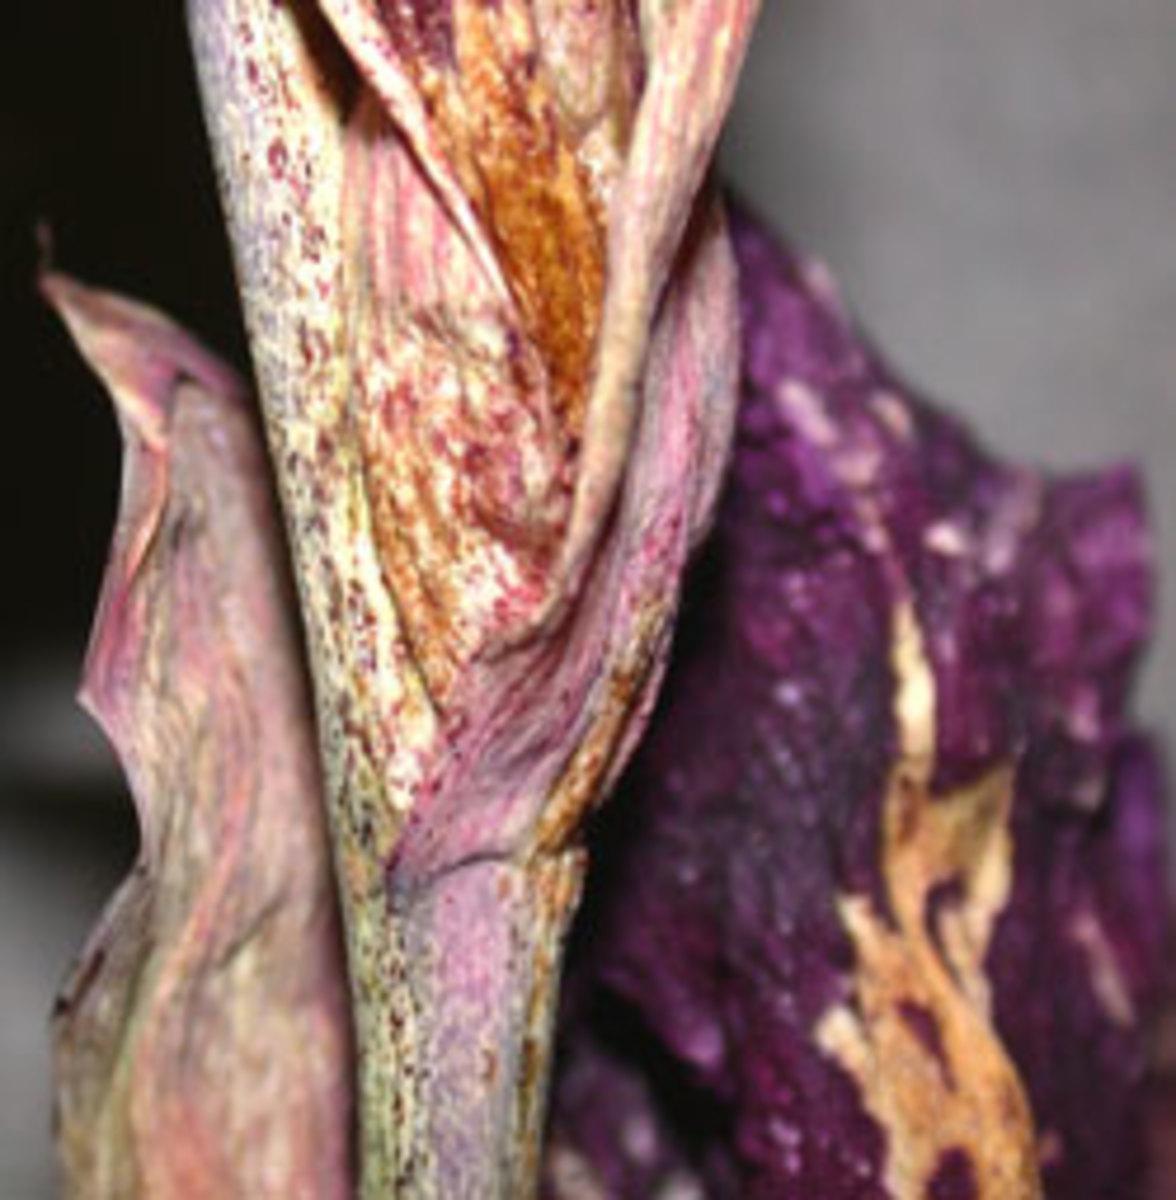 gladiolus thrip damage